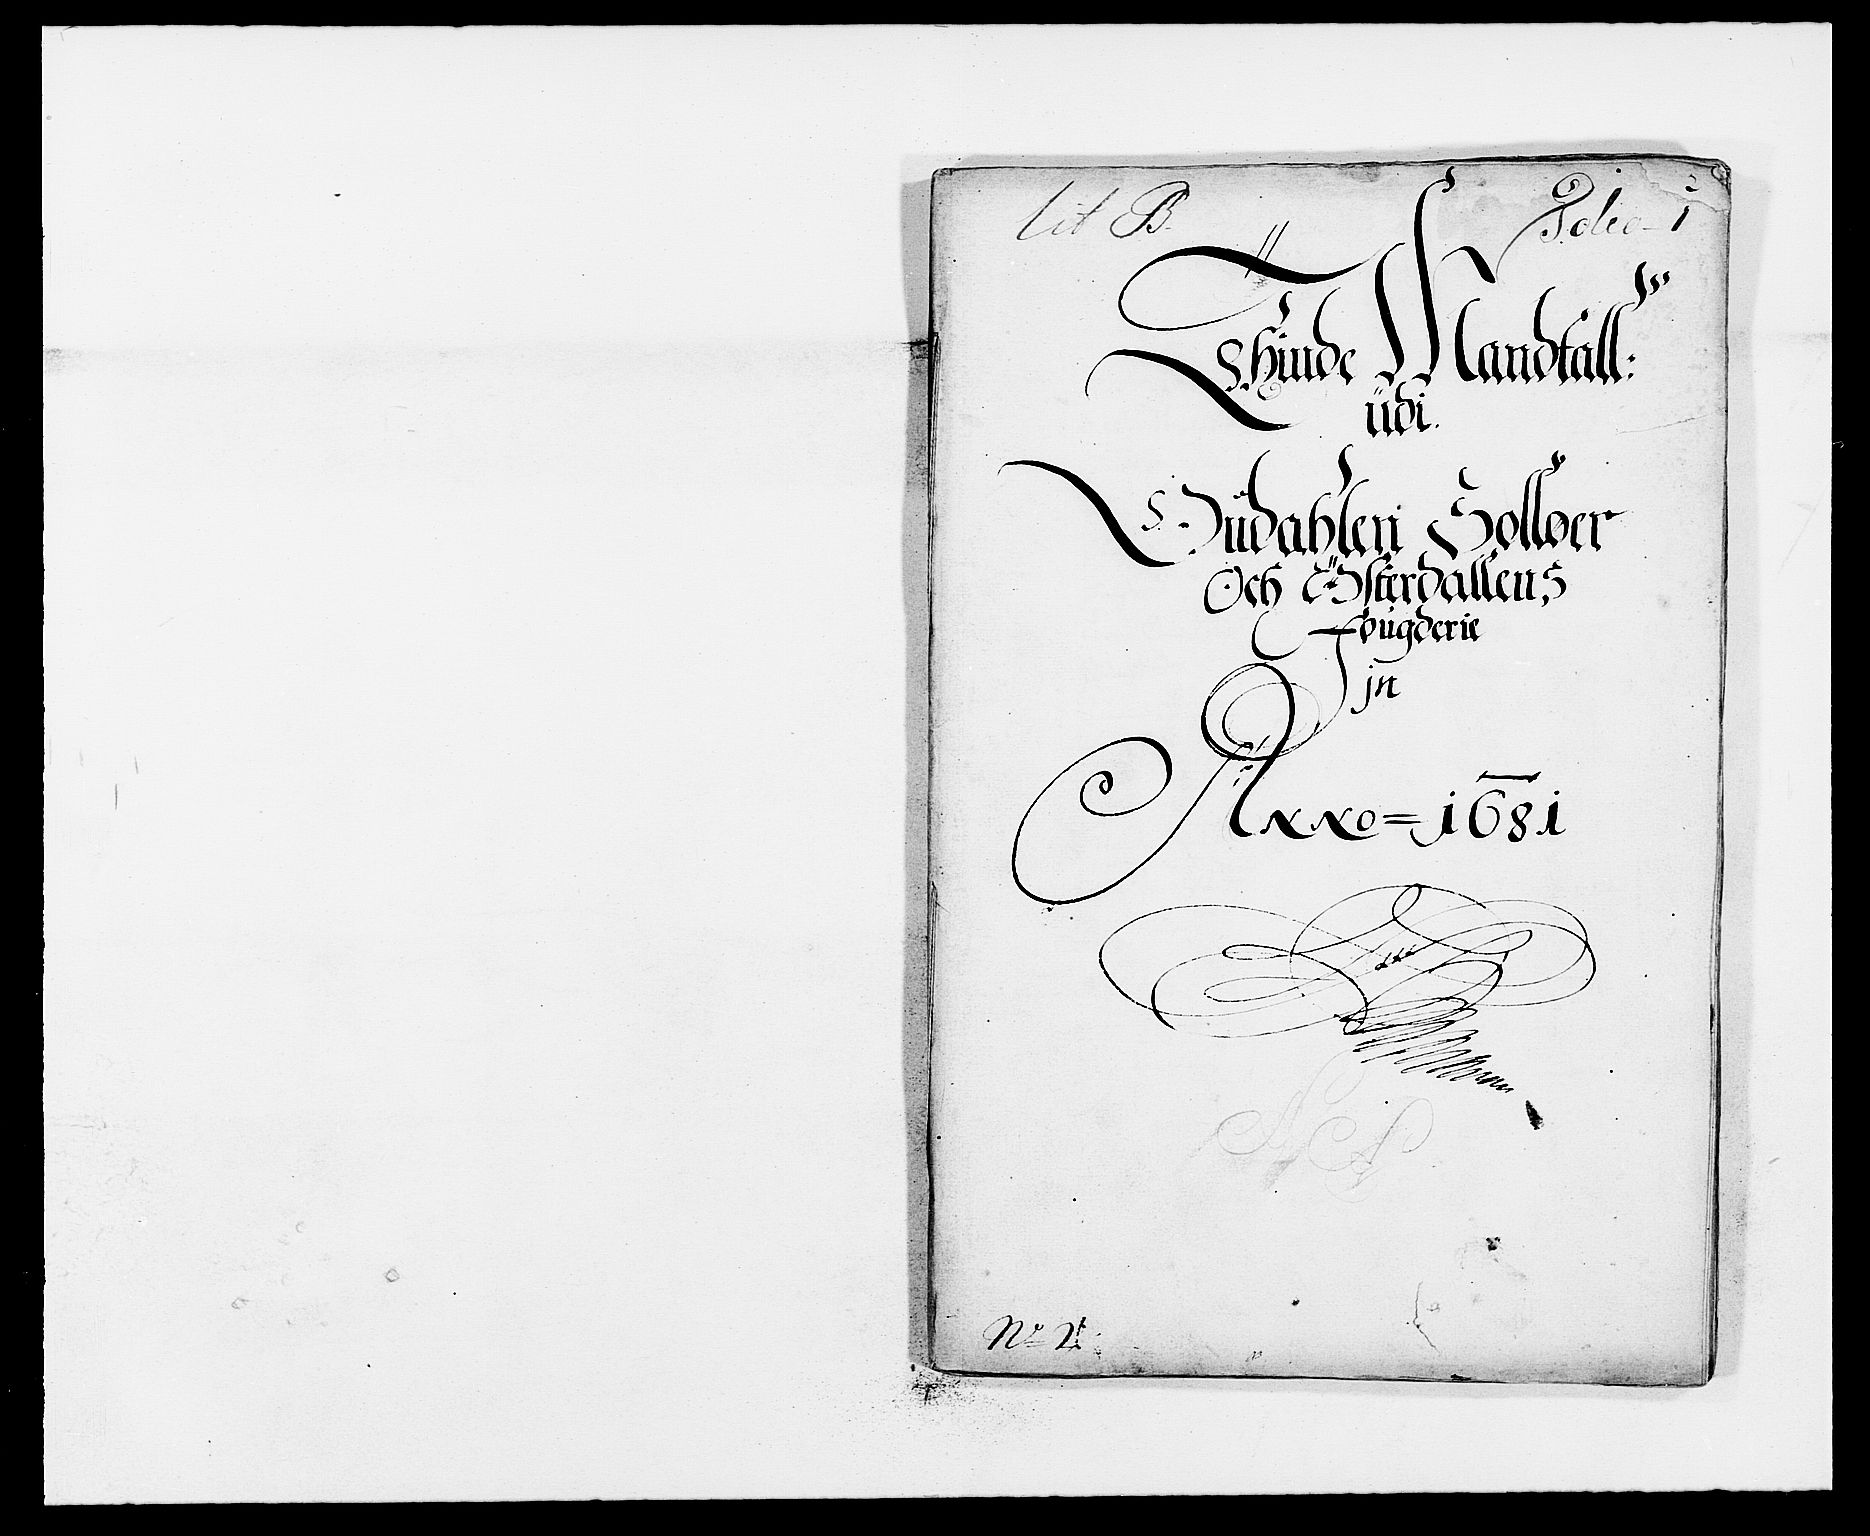 RA, Rentekammeret inntil 1814, Reviderte regnskaper, Fogderegnskap, R13/L0818: Fogderegnskap Solør, Odal og Østerdal, 1681, s. 158